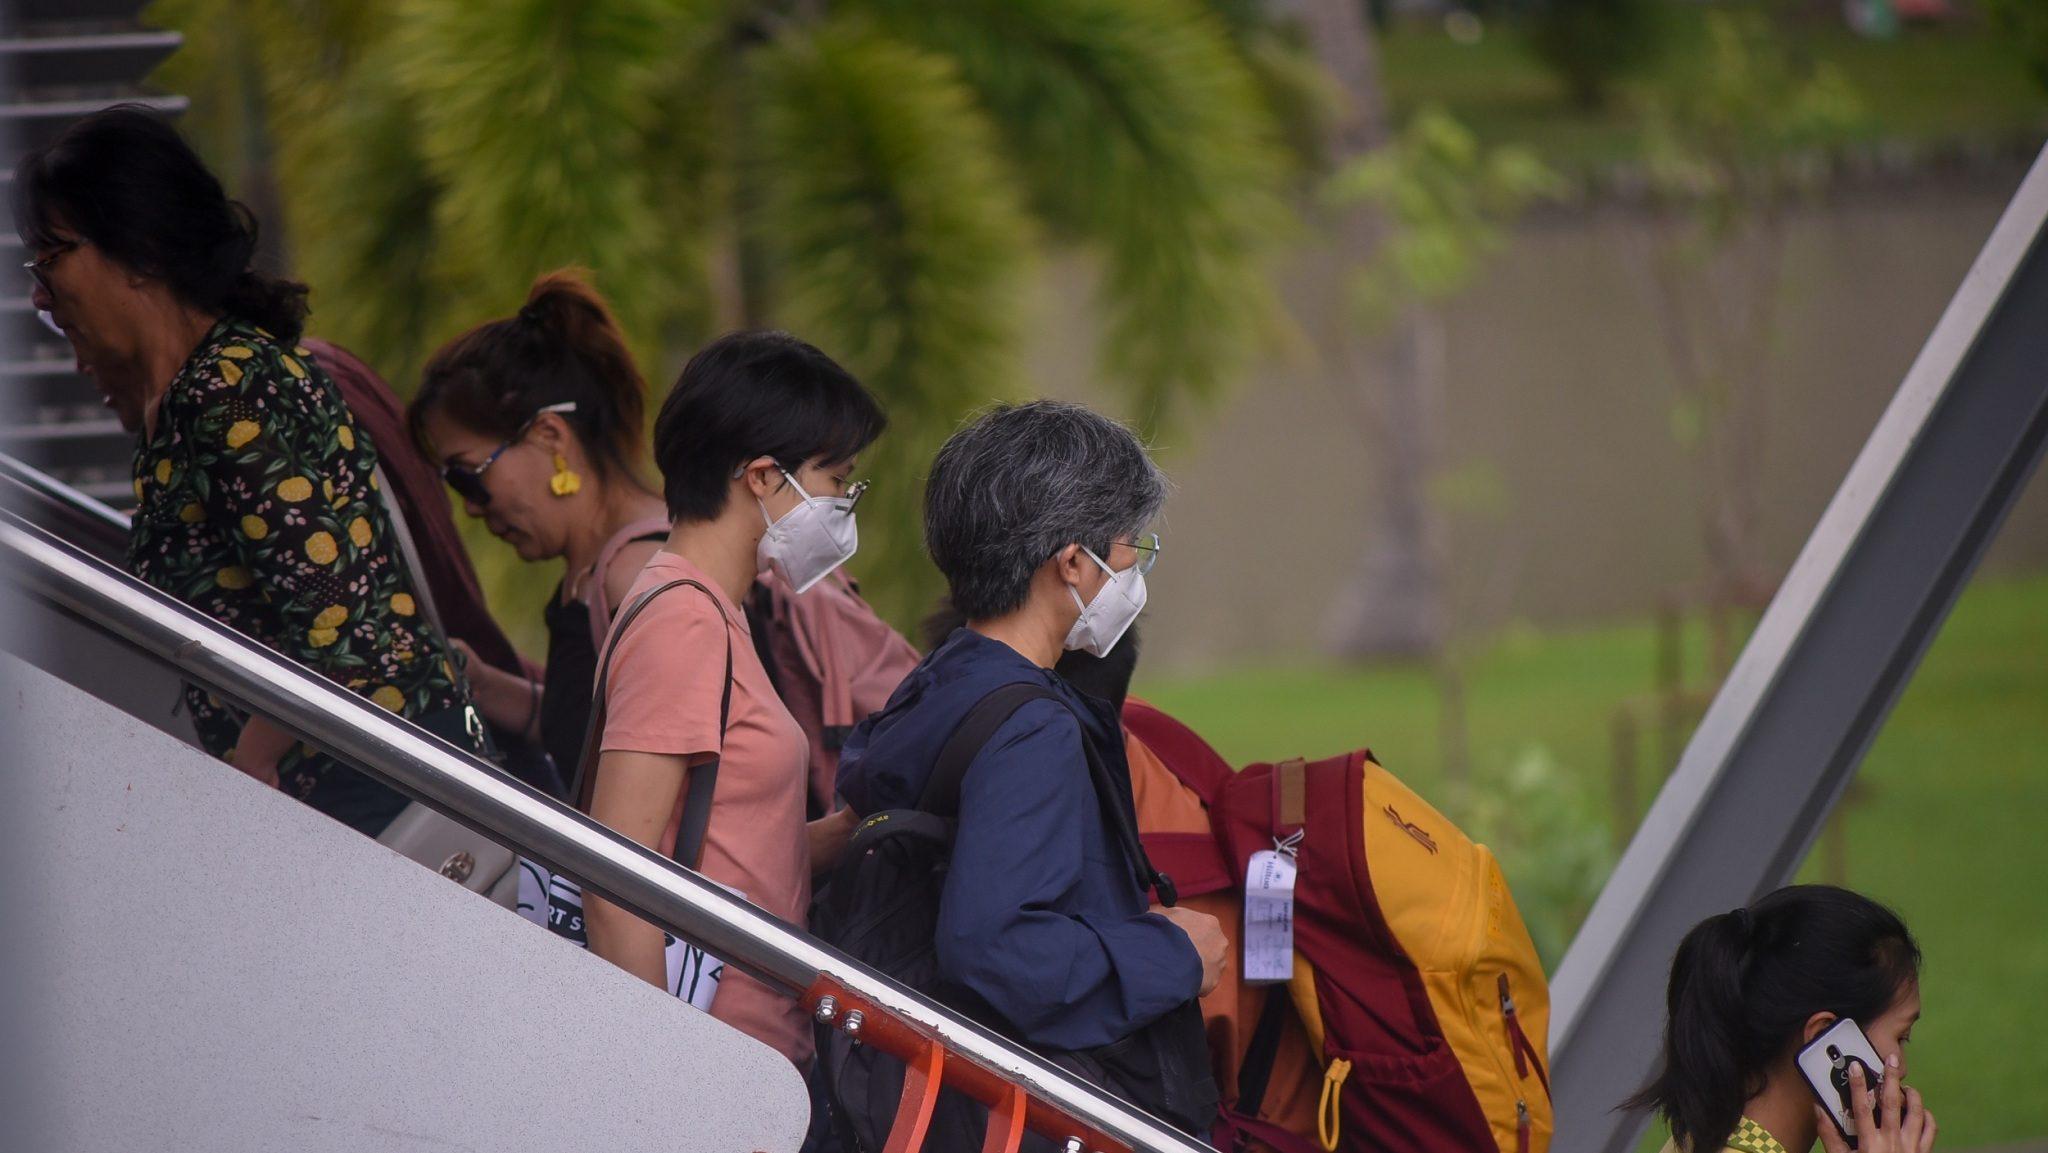 PM2.5 ข่าวสดวันนี้ ฝุ่นพิษ